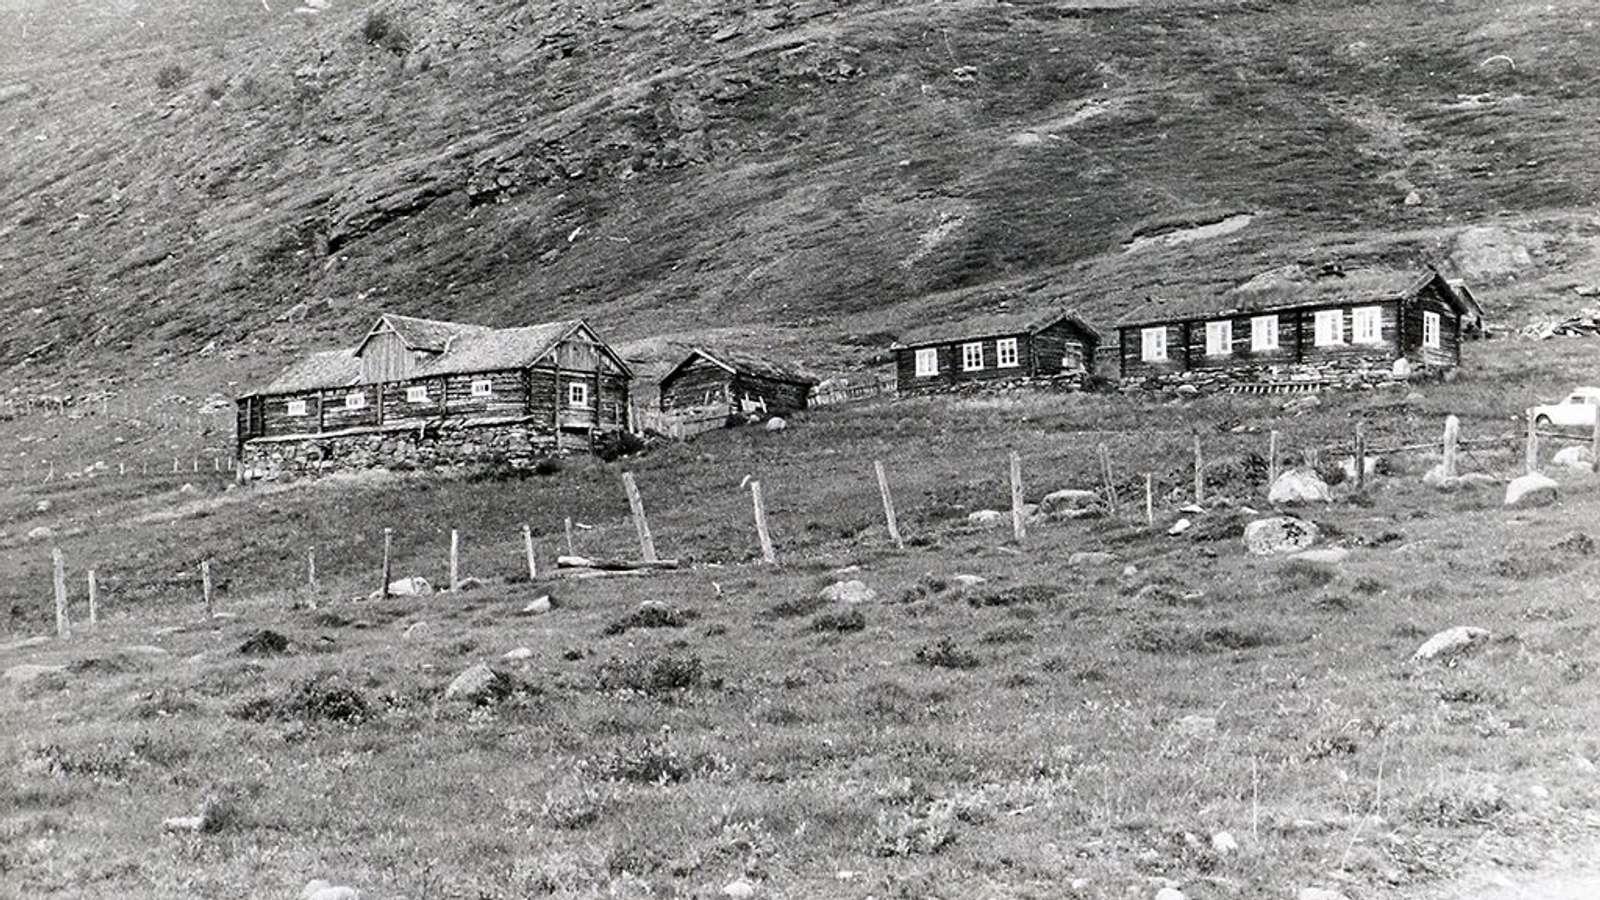 Seterbygningane ved Besstrond i Sjodalen i Oppland var omringa av steinur og låg lyng i 1969